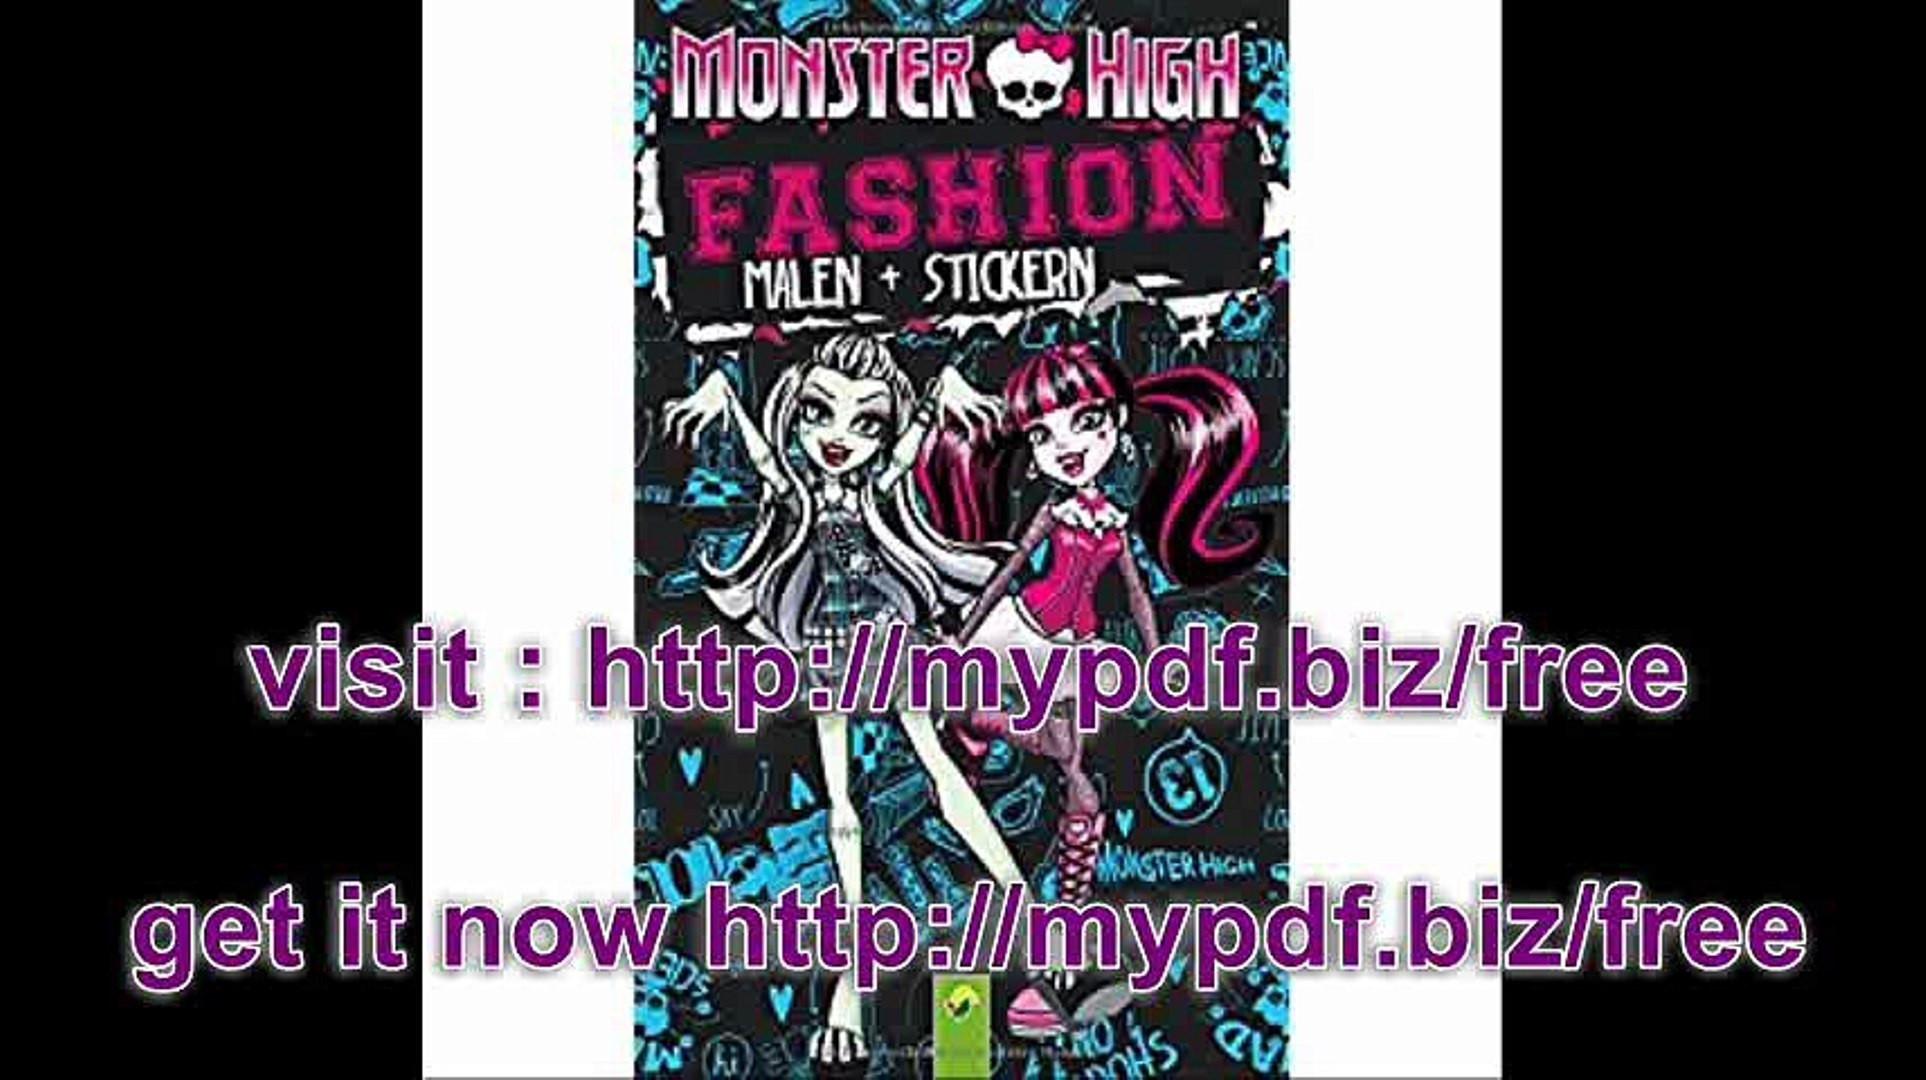 Monster High Ausmalbilder Clawdeen Inspirierend Monster High Ausmalbilder Clawdeen Luxus 35 Ausmalbilder Monster Galerie